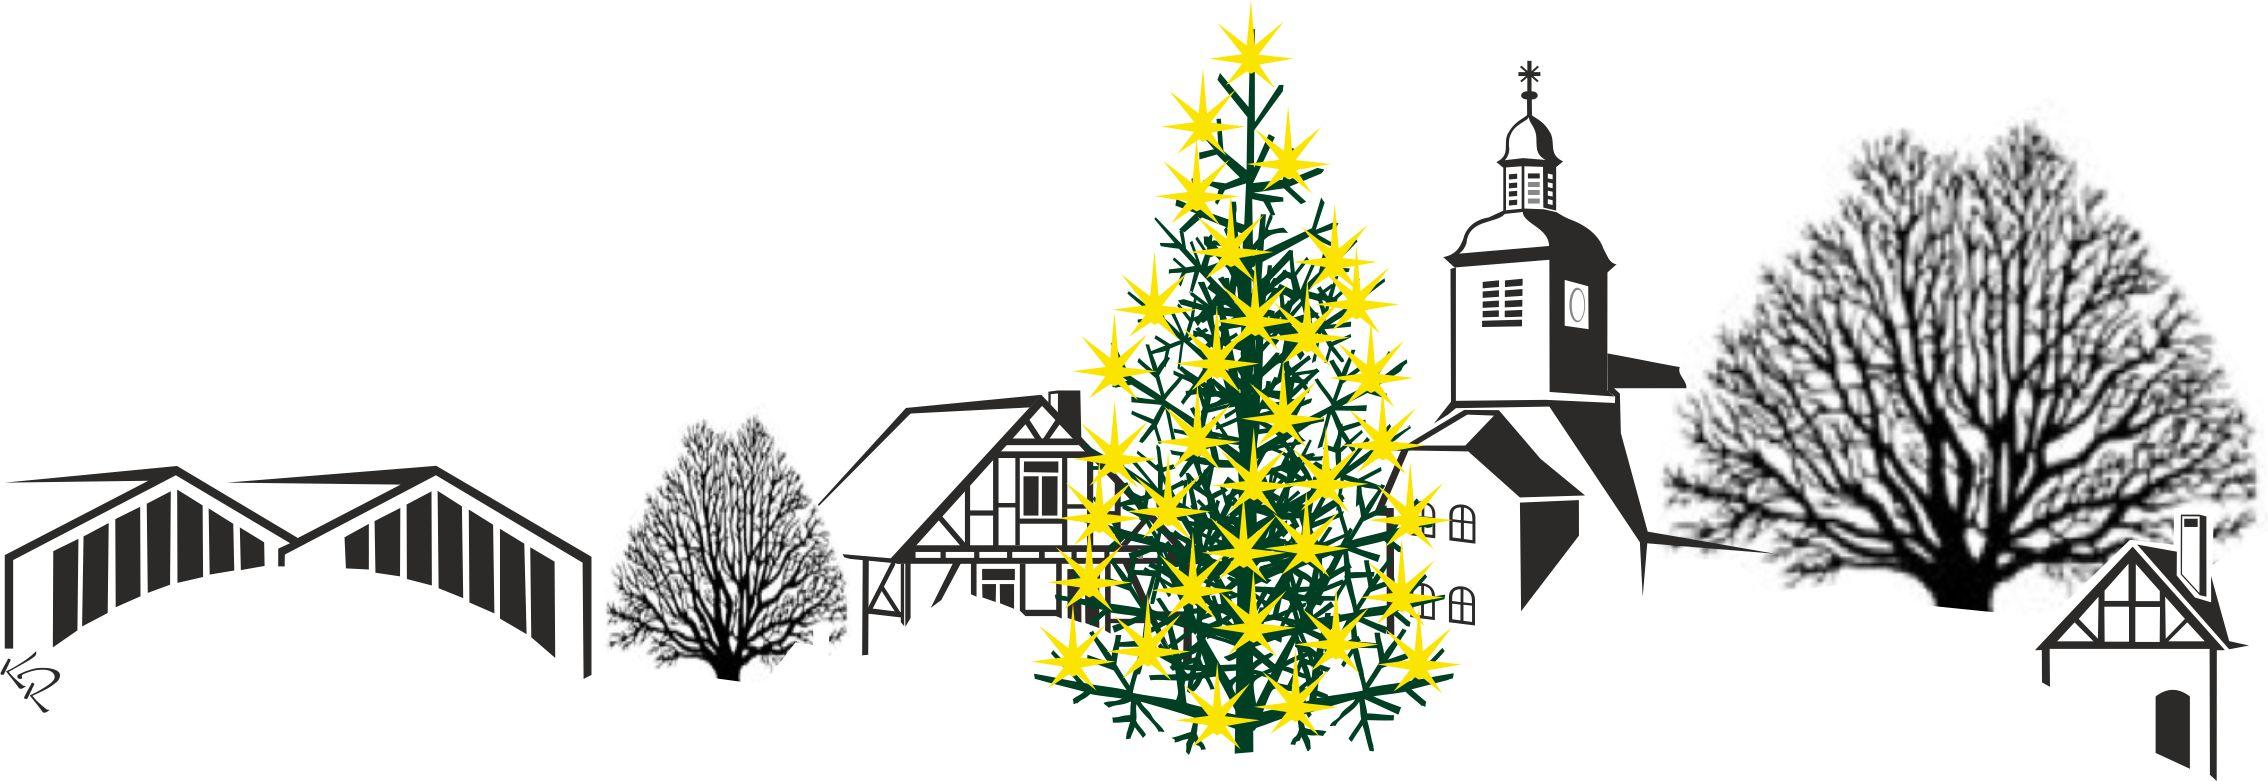 Weihnachtsgrüße des Ortsbeirates Oppenrod